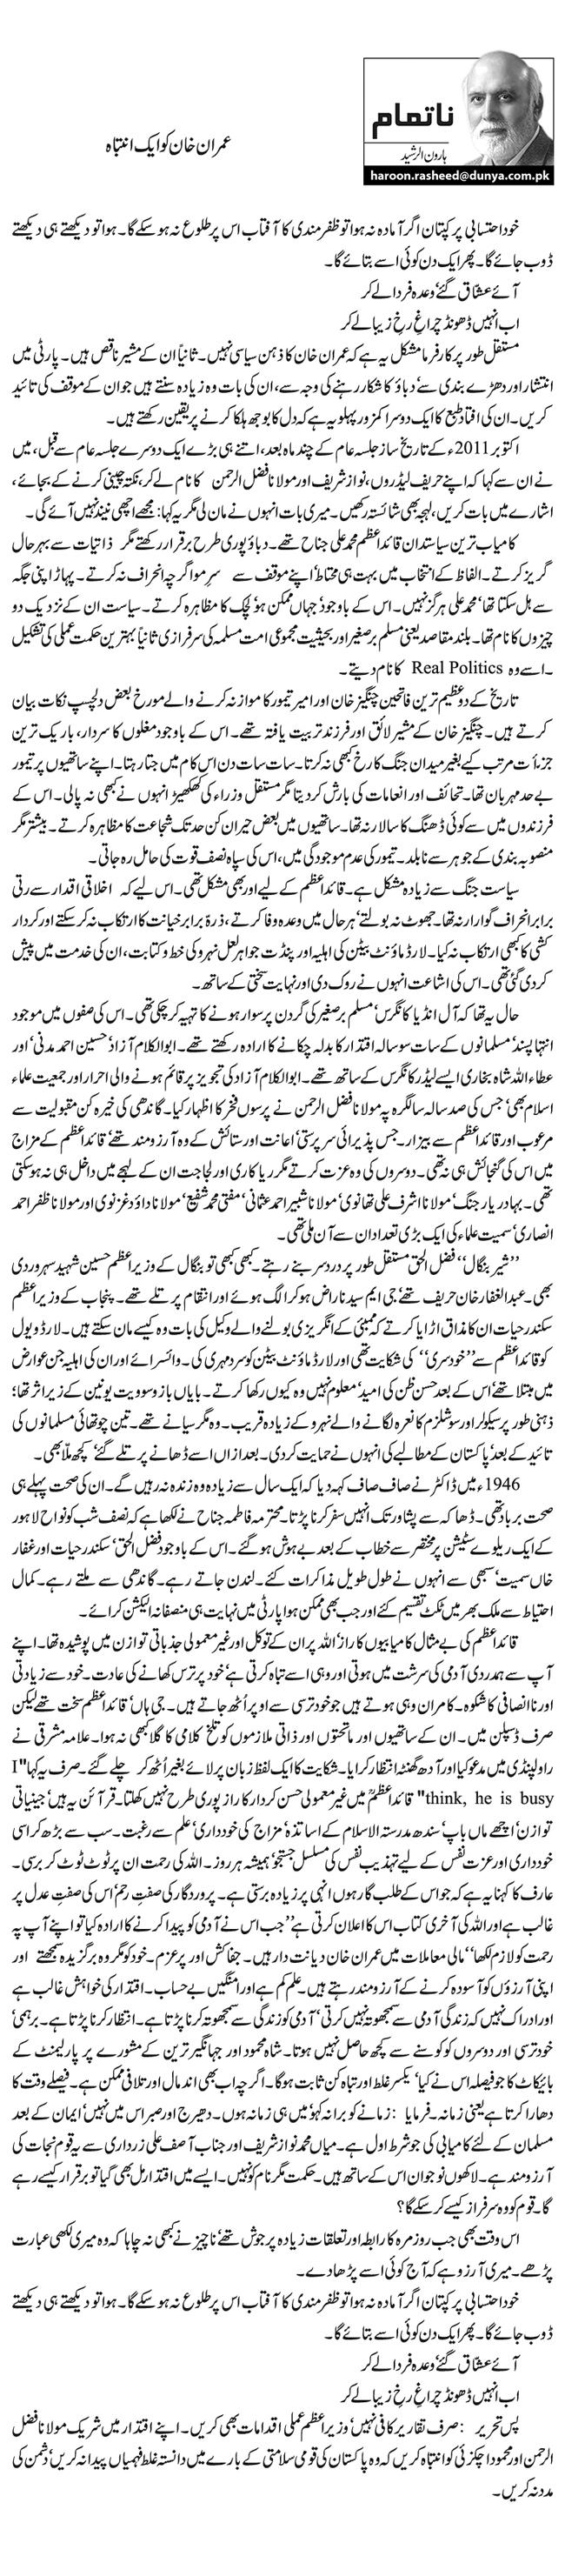 عمران خان کو ایک انتباہ